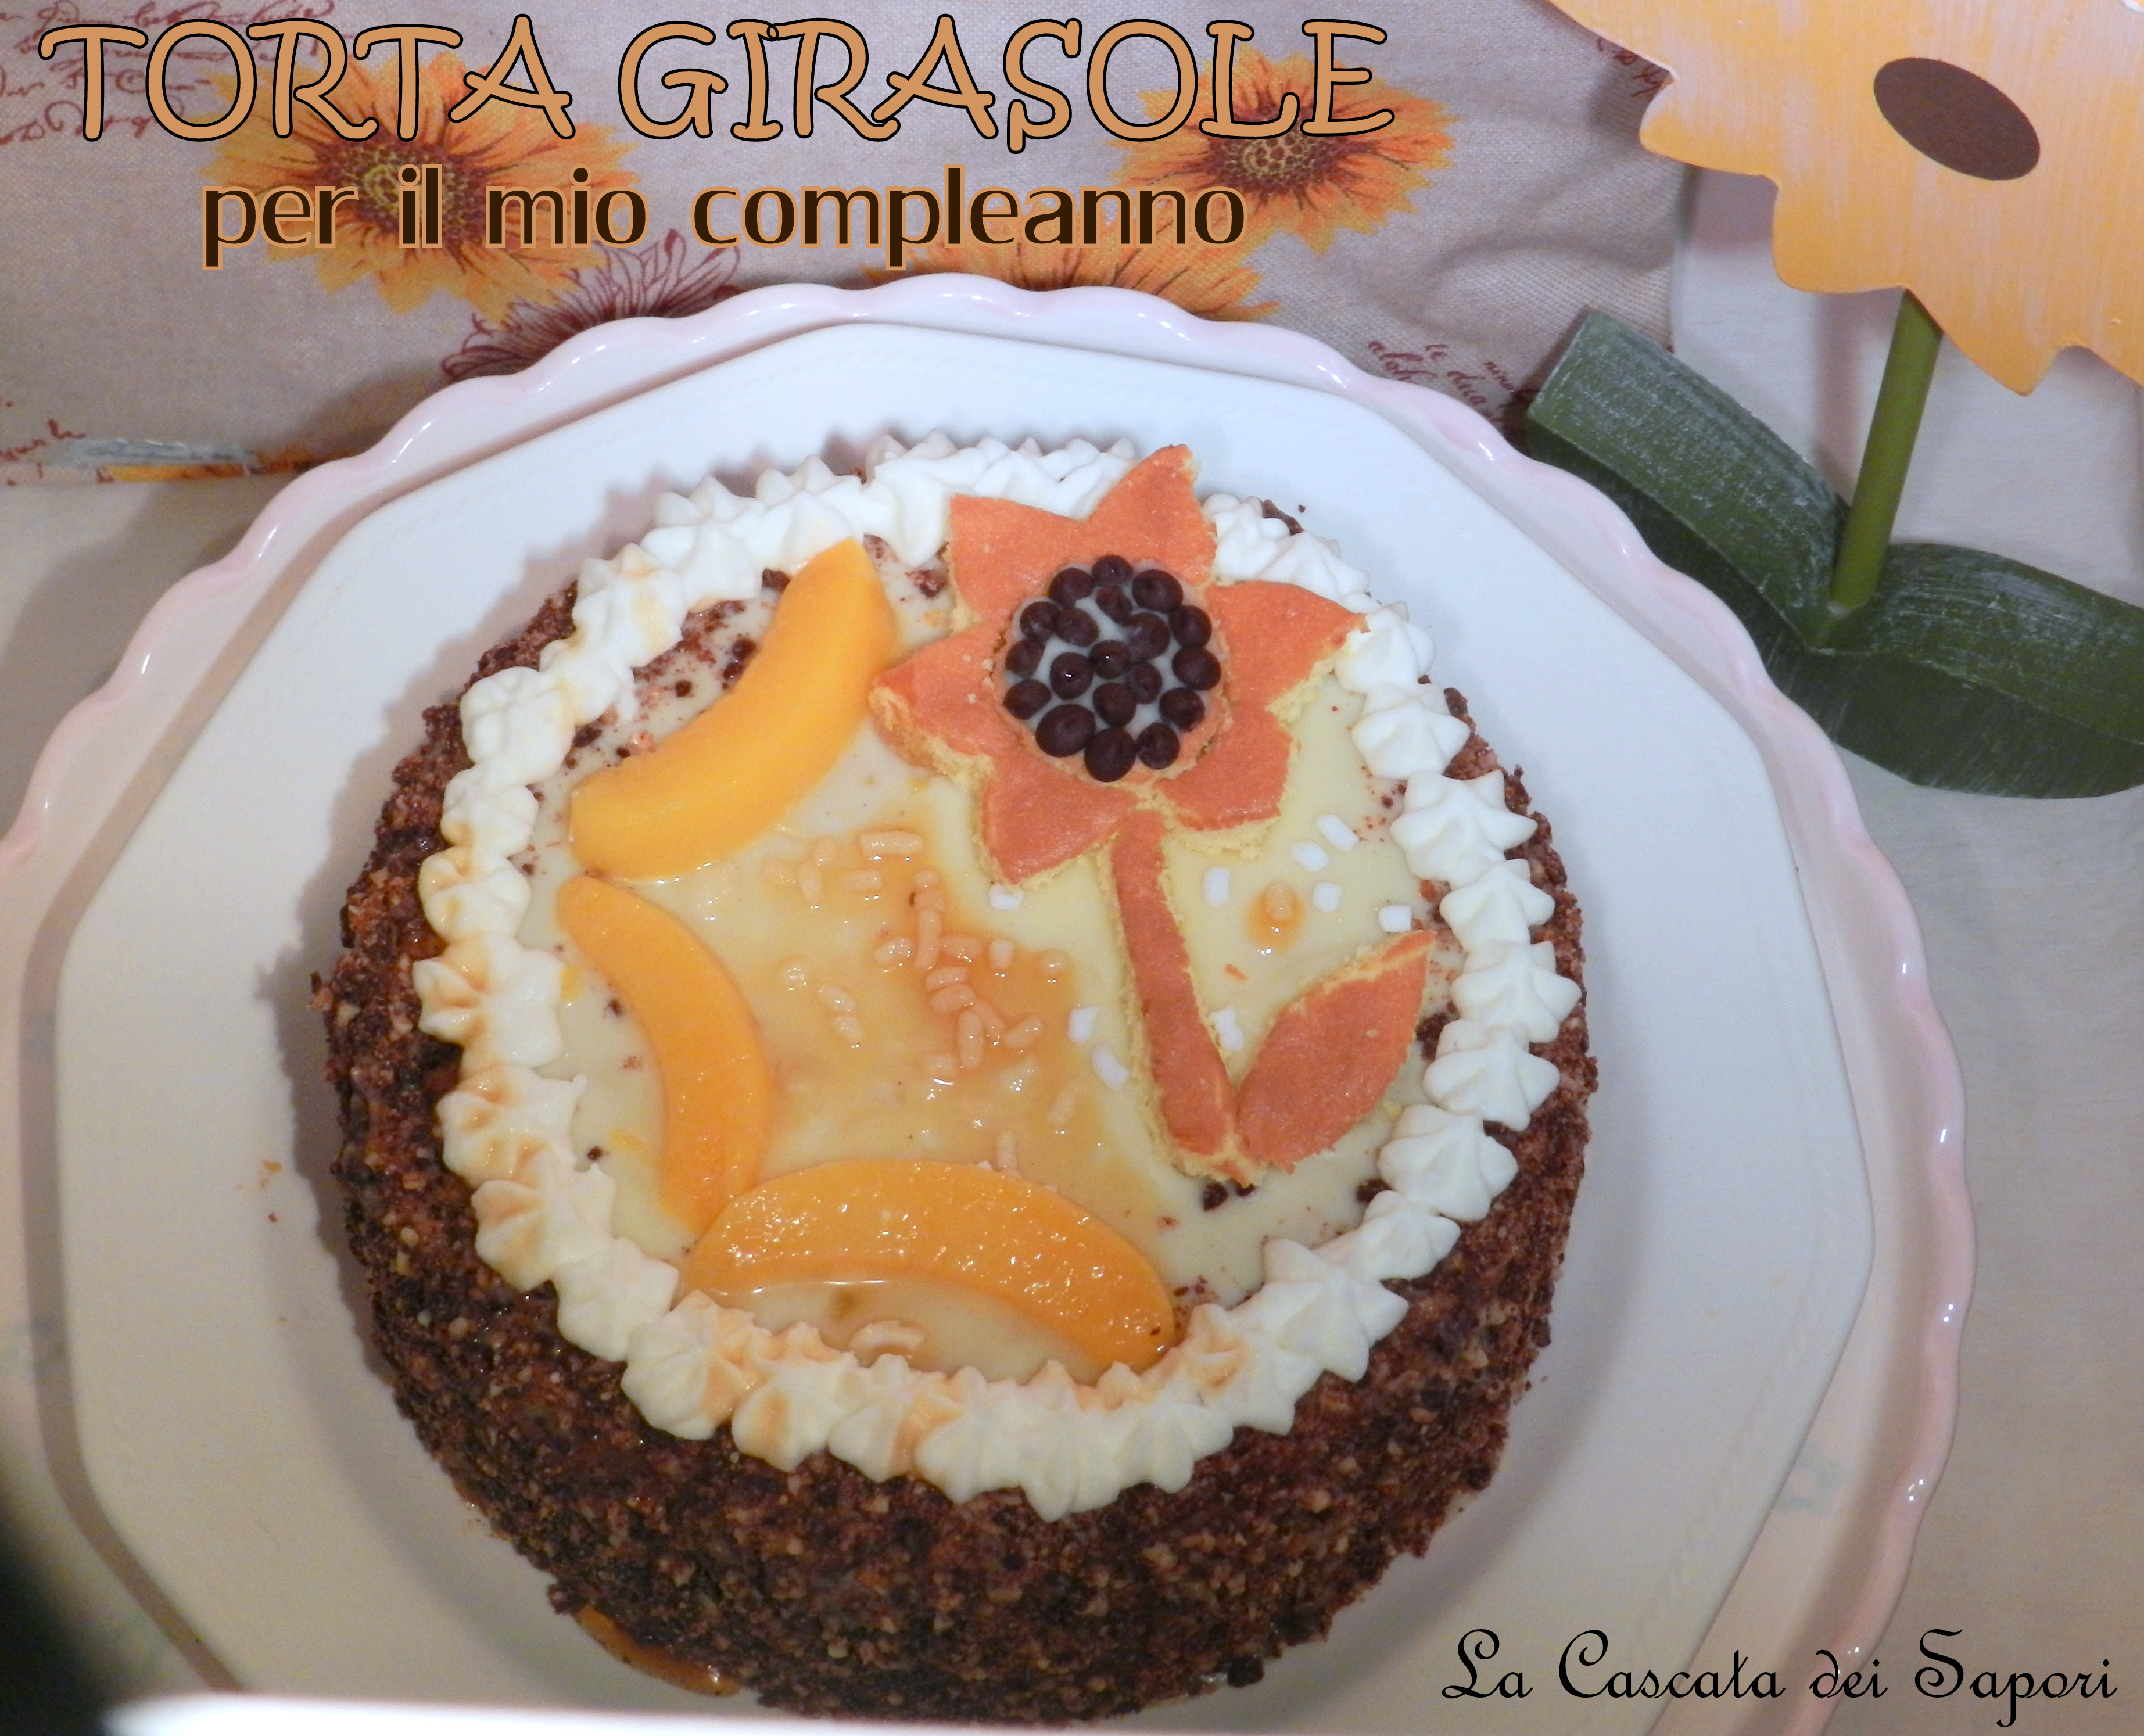 TORTA-GIRASOLE-per-il-mio-compleanno